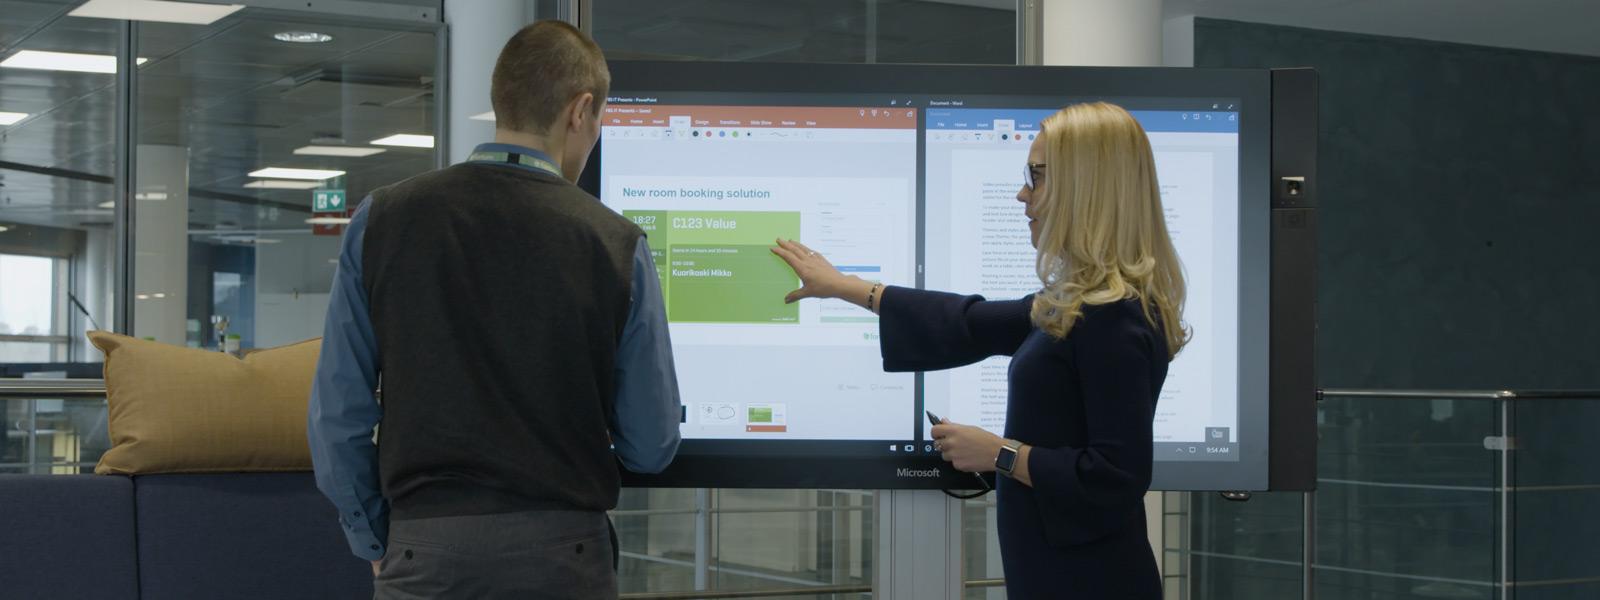 En kvinne og en mann står foran en Hub med PowerPoint og Word åpne på skjermen